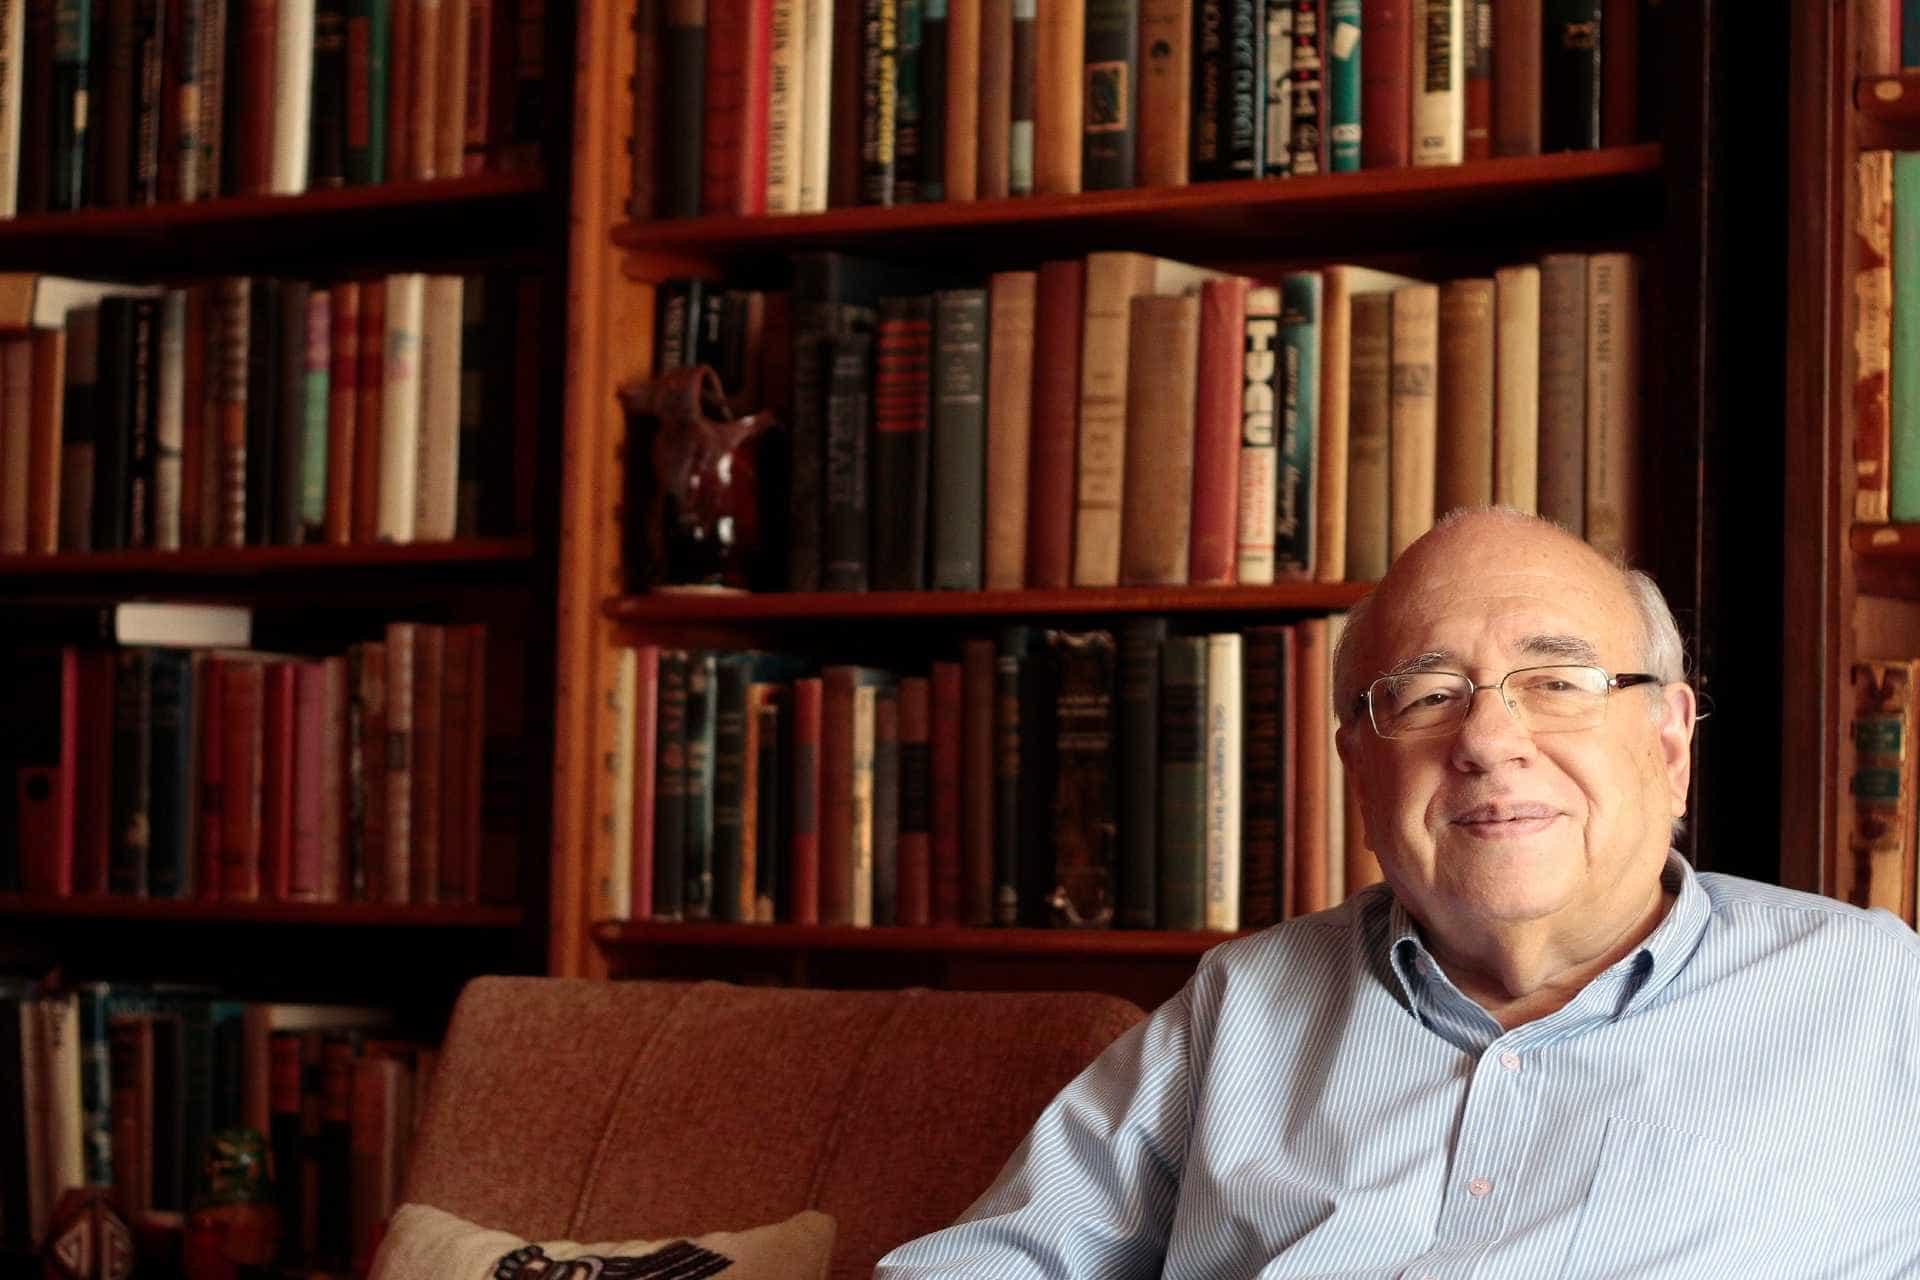 'Já fui muito elogiado pelo que nunca escrevi', afirma Verissimo